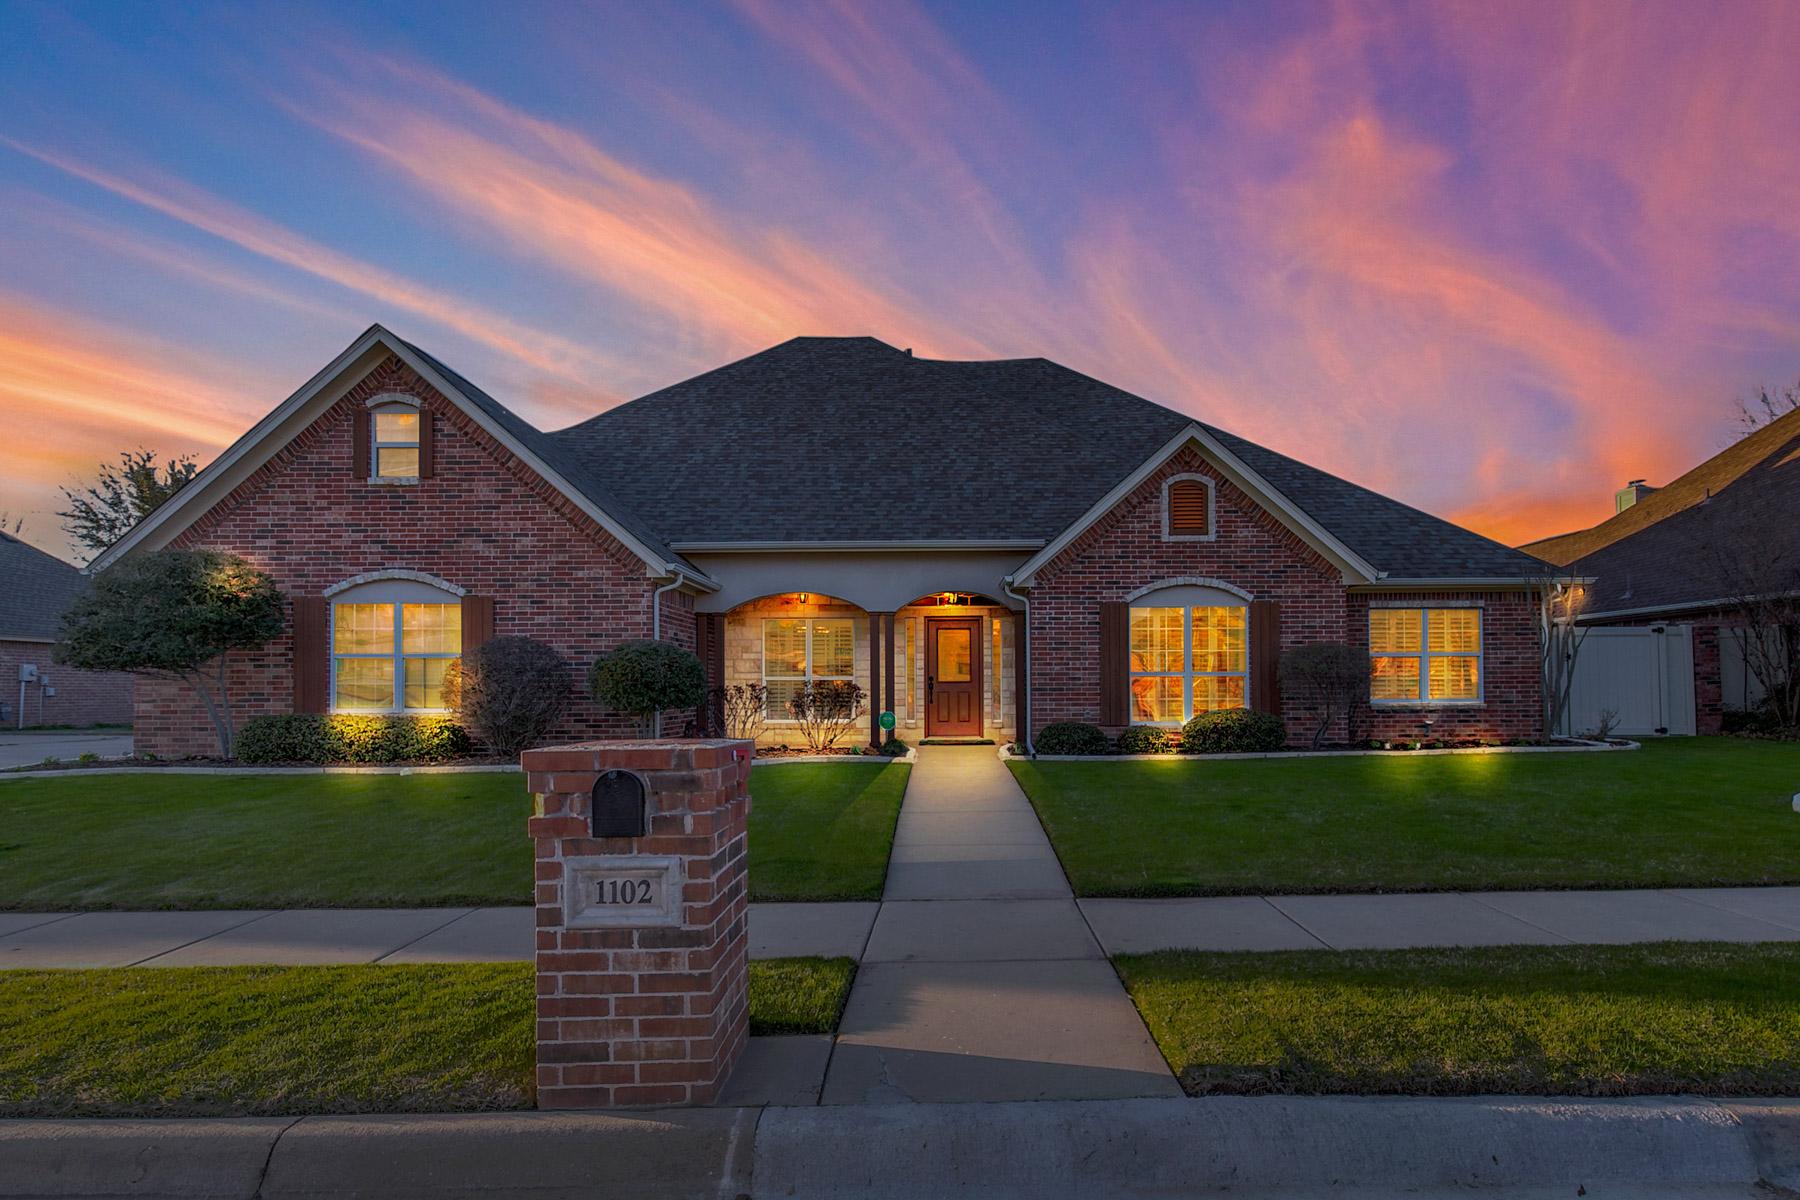 Частный односемейный дом для того Продажа на 1102 Cliff Swallow Dr. 1102 Cliff Swallow Drive, Granbury, Техас, 76048 Соединенные Штаты